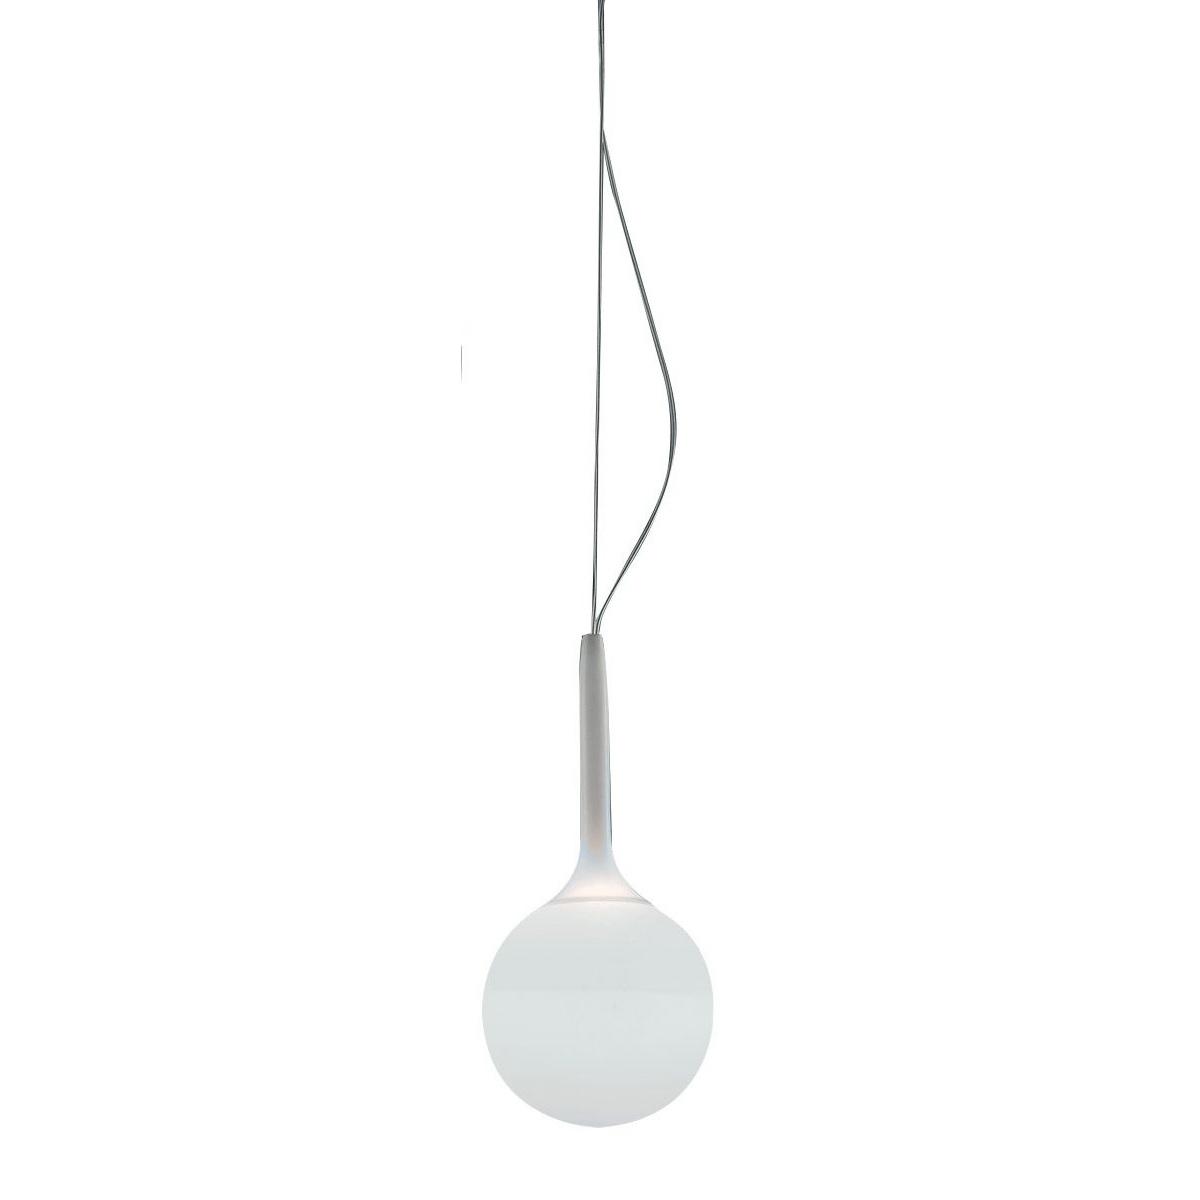 Artemide designová závěsná svítidla Castore Sospensione 14